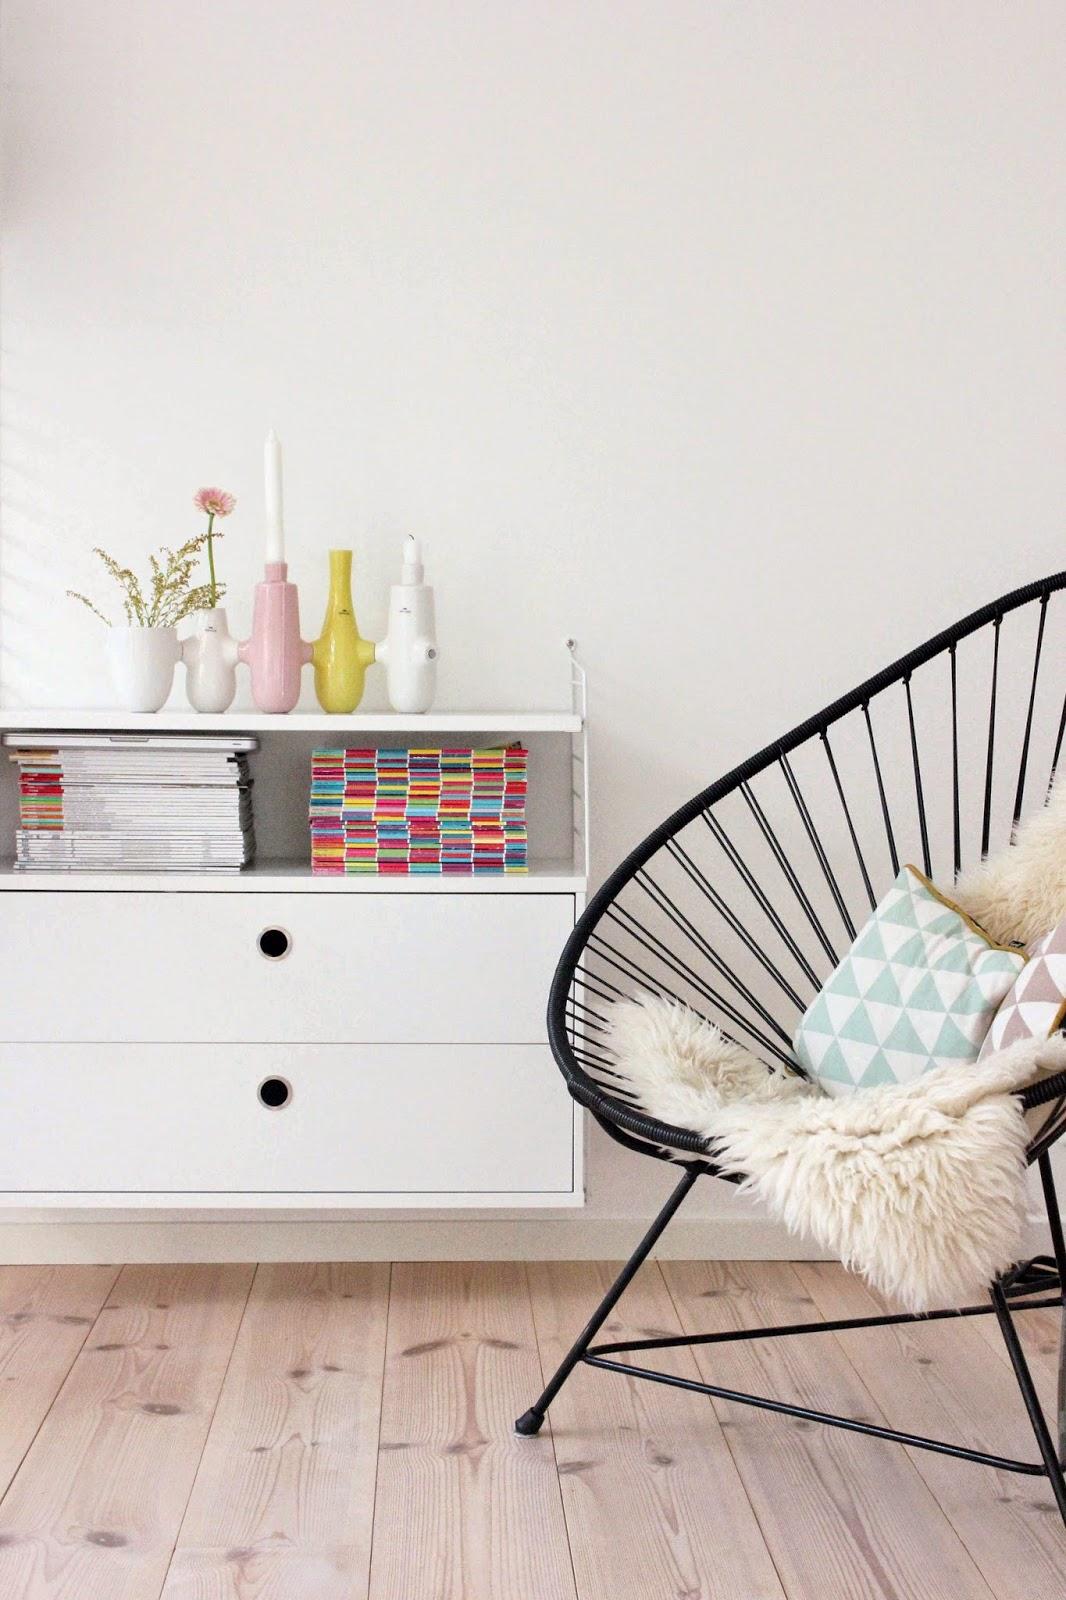 siglinchen acapulco stuhl der tochter jetzt im wohnzimmer. Black Bedroom Furniture Sets. Home Design Ideas